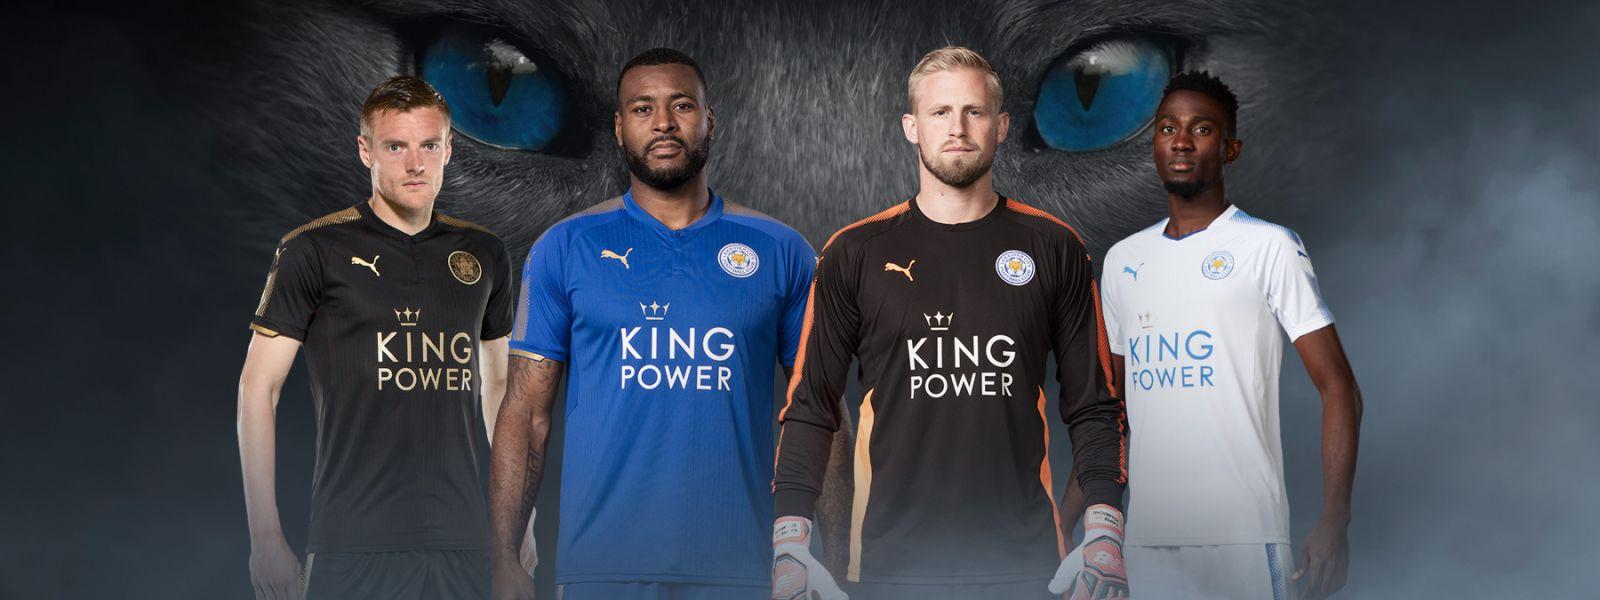 Comprar Camisetas Del Leicester City 2017 2018